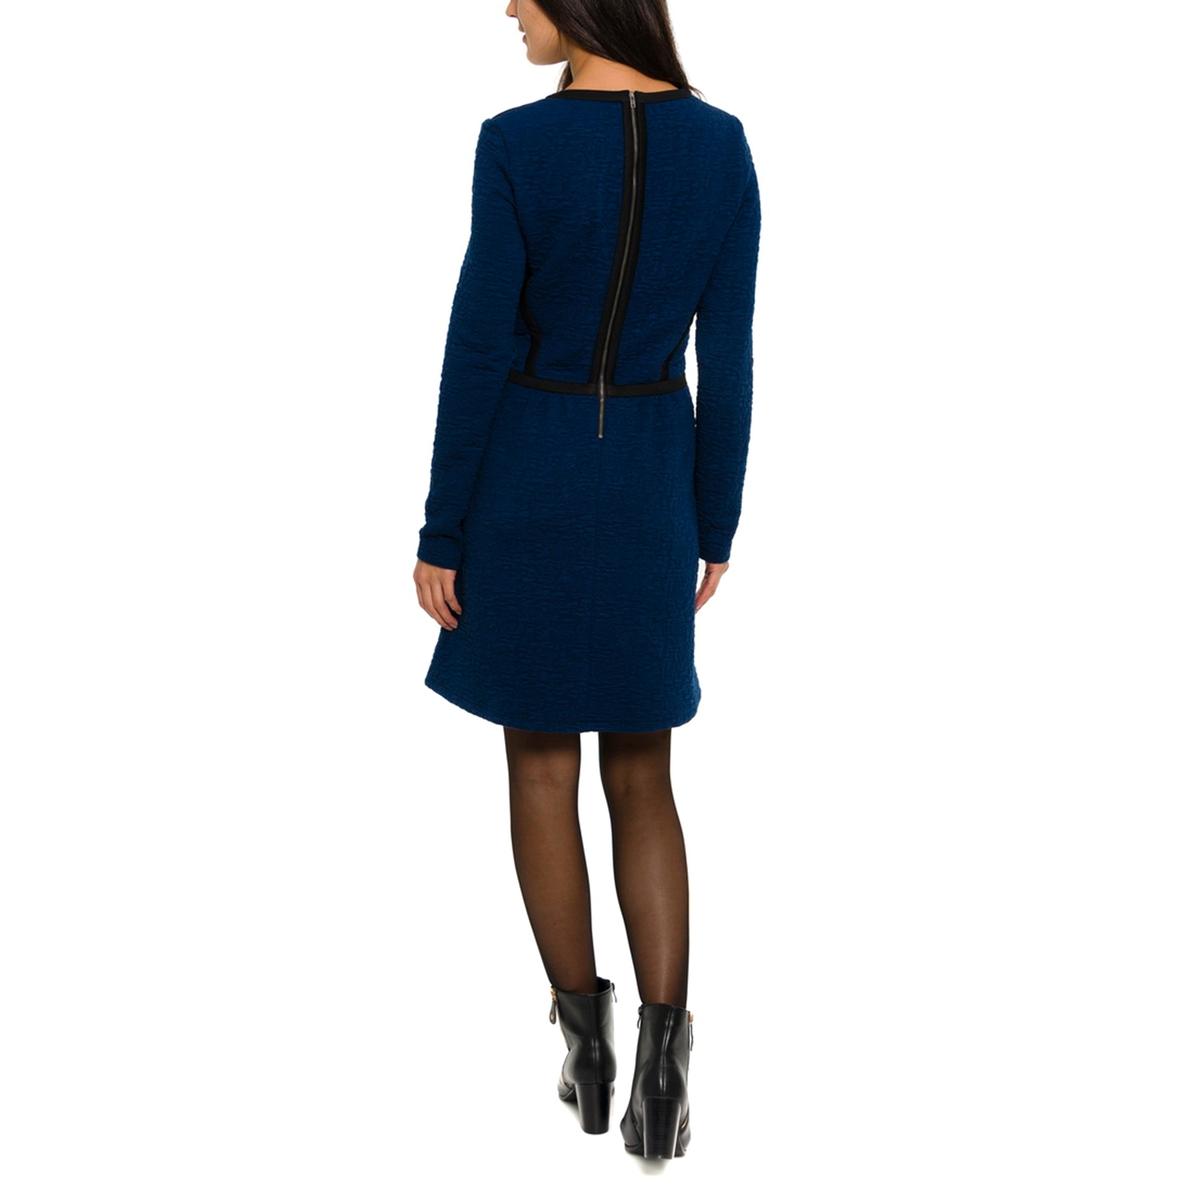 Платье с рисунком и длинными рукавамиПлатье PARAMITA. Цветочный принт. Рубашечный воротник. Пояс на завязках.          Состав и описание:Материал: 100% вискозы.     Марка: PARAMITA.<br><br>Цвет: темно-синий<br>Размер: S.M